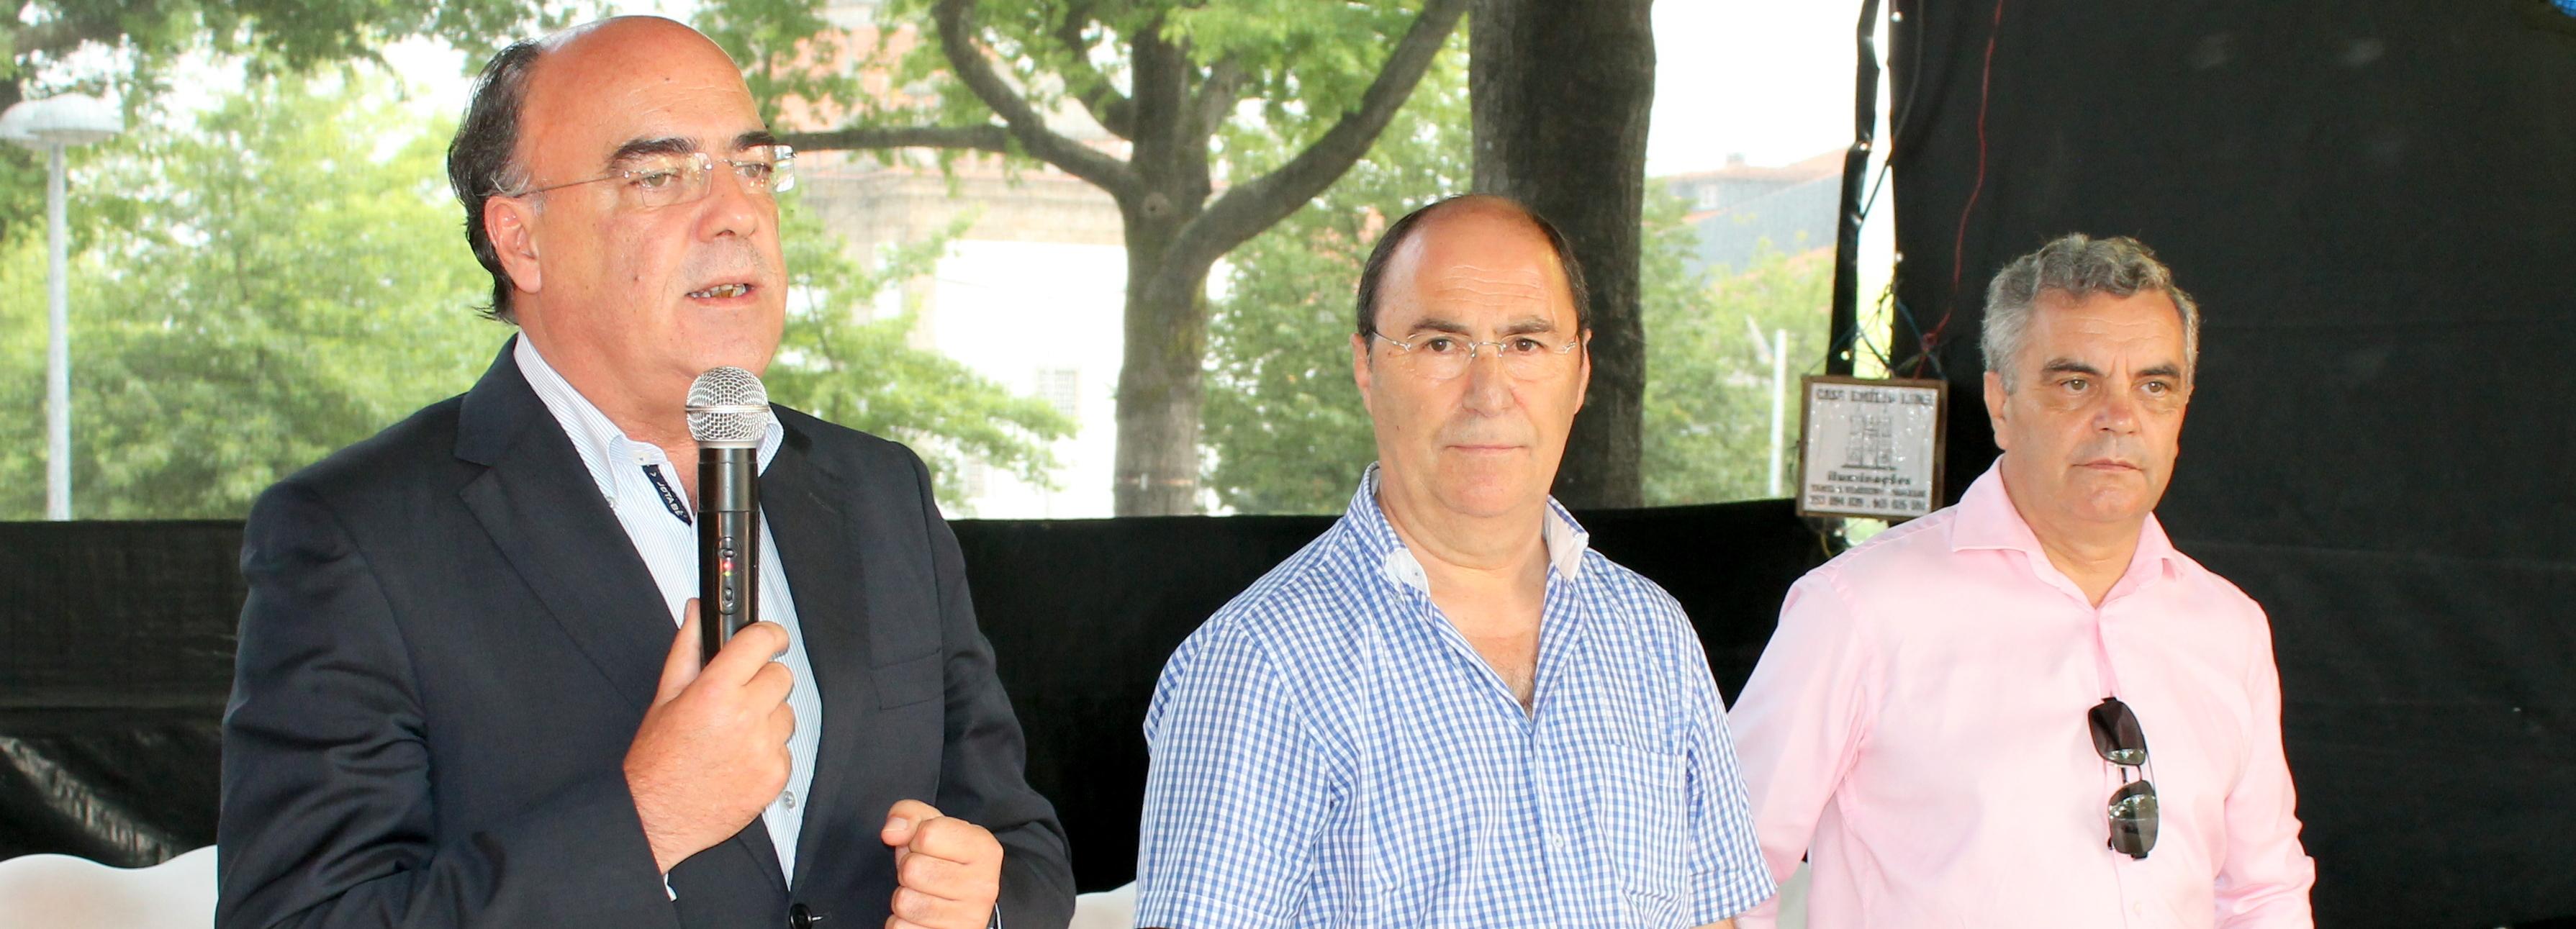 Presidente da Câmara apela aos barcelenses para apoiarem o Gil Vicente FC